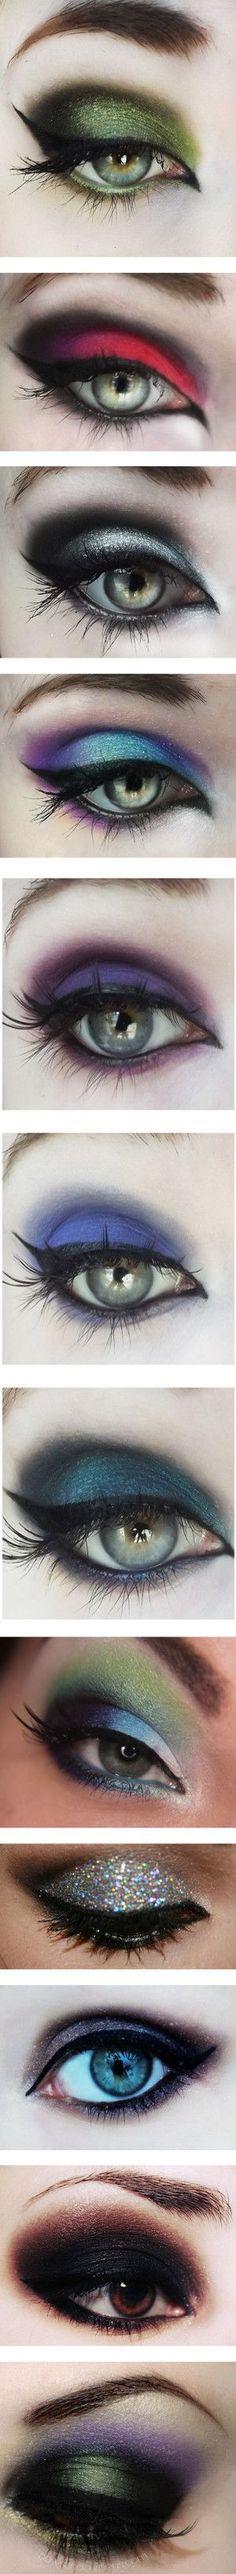 """""""Eye Makeup ~^u^~"""" by cky96 ❤ liked on Polyvore"""